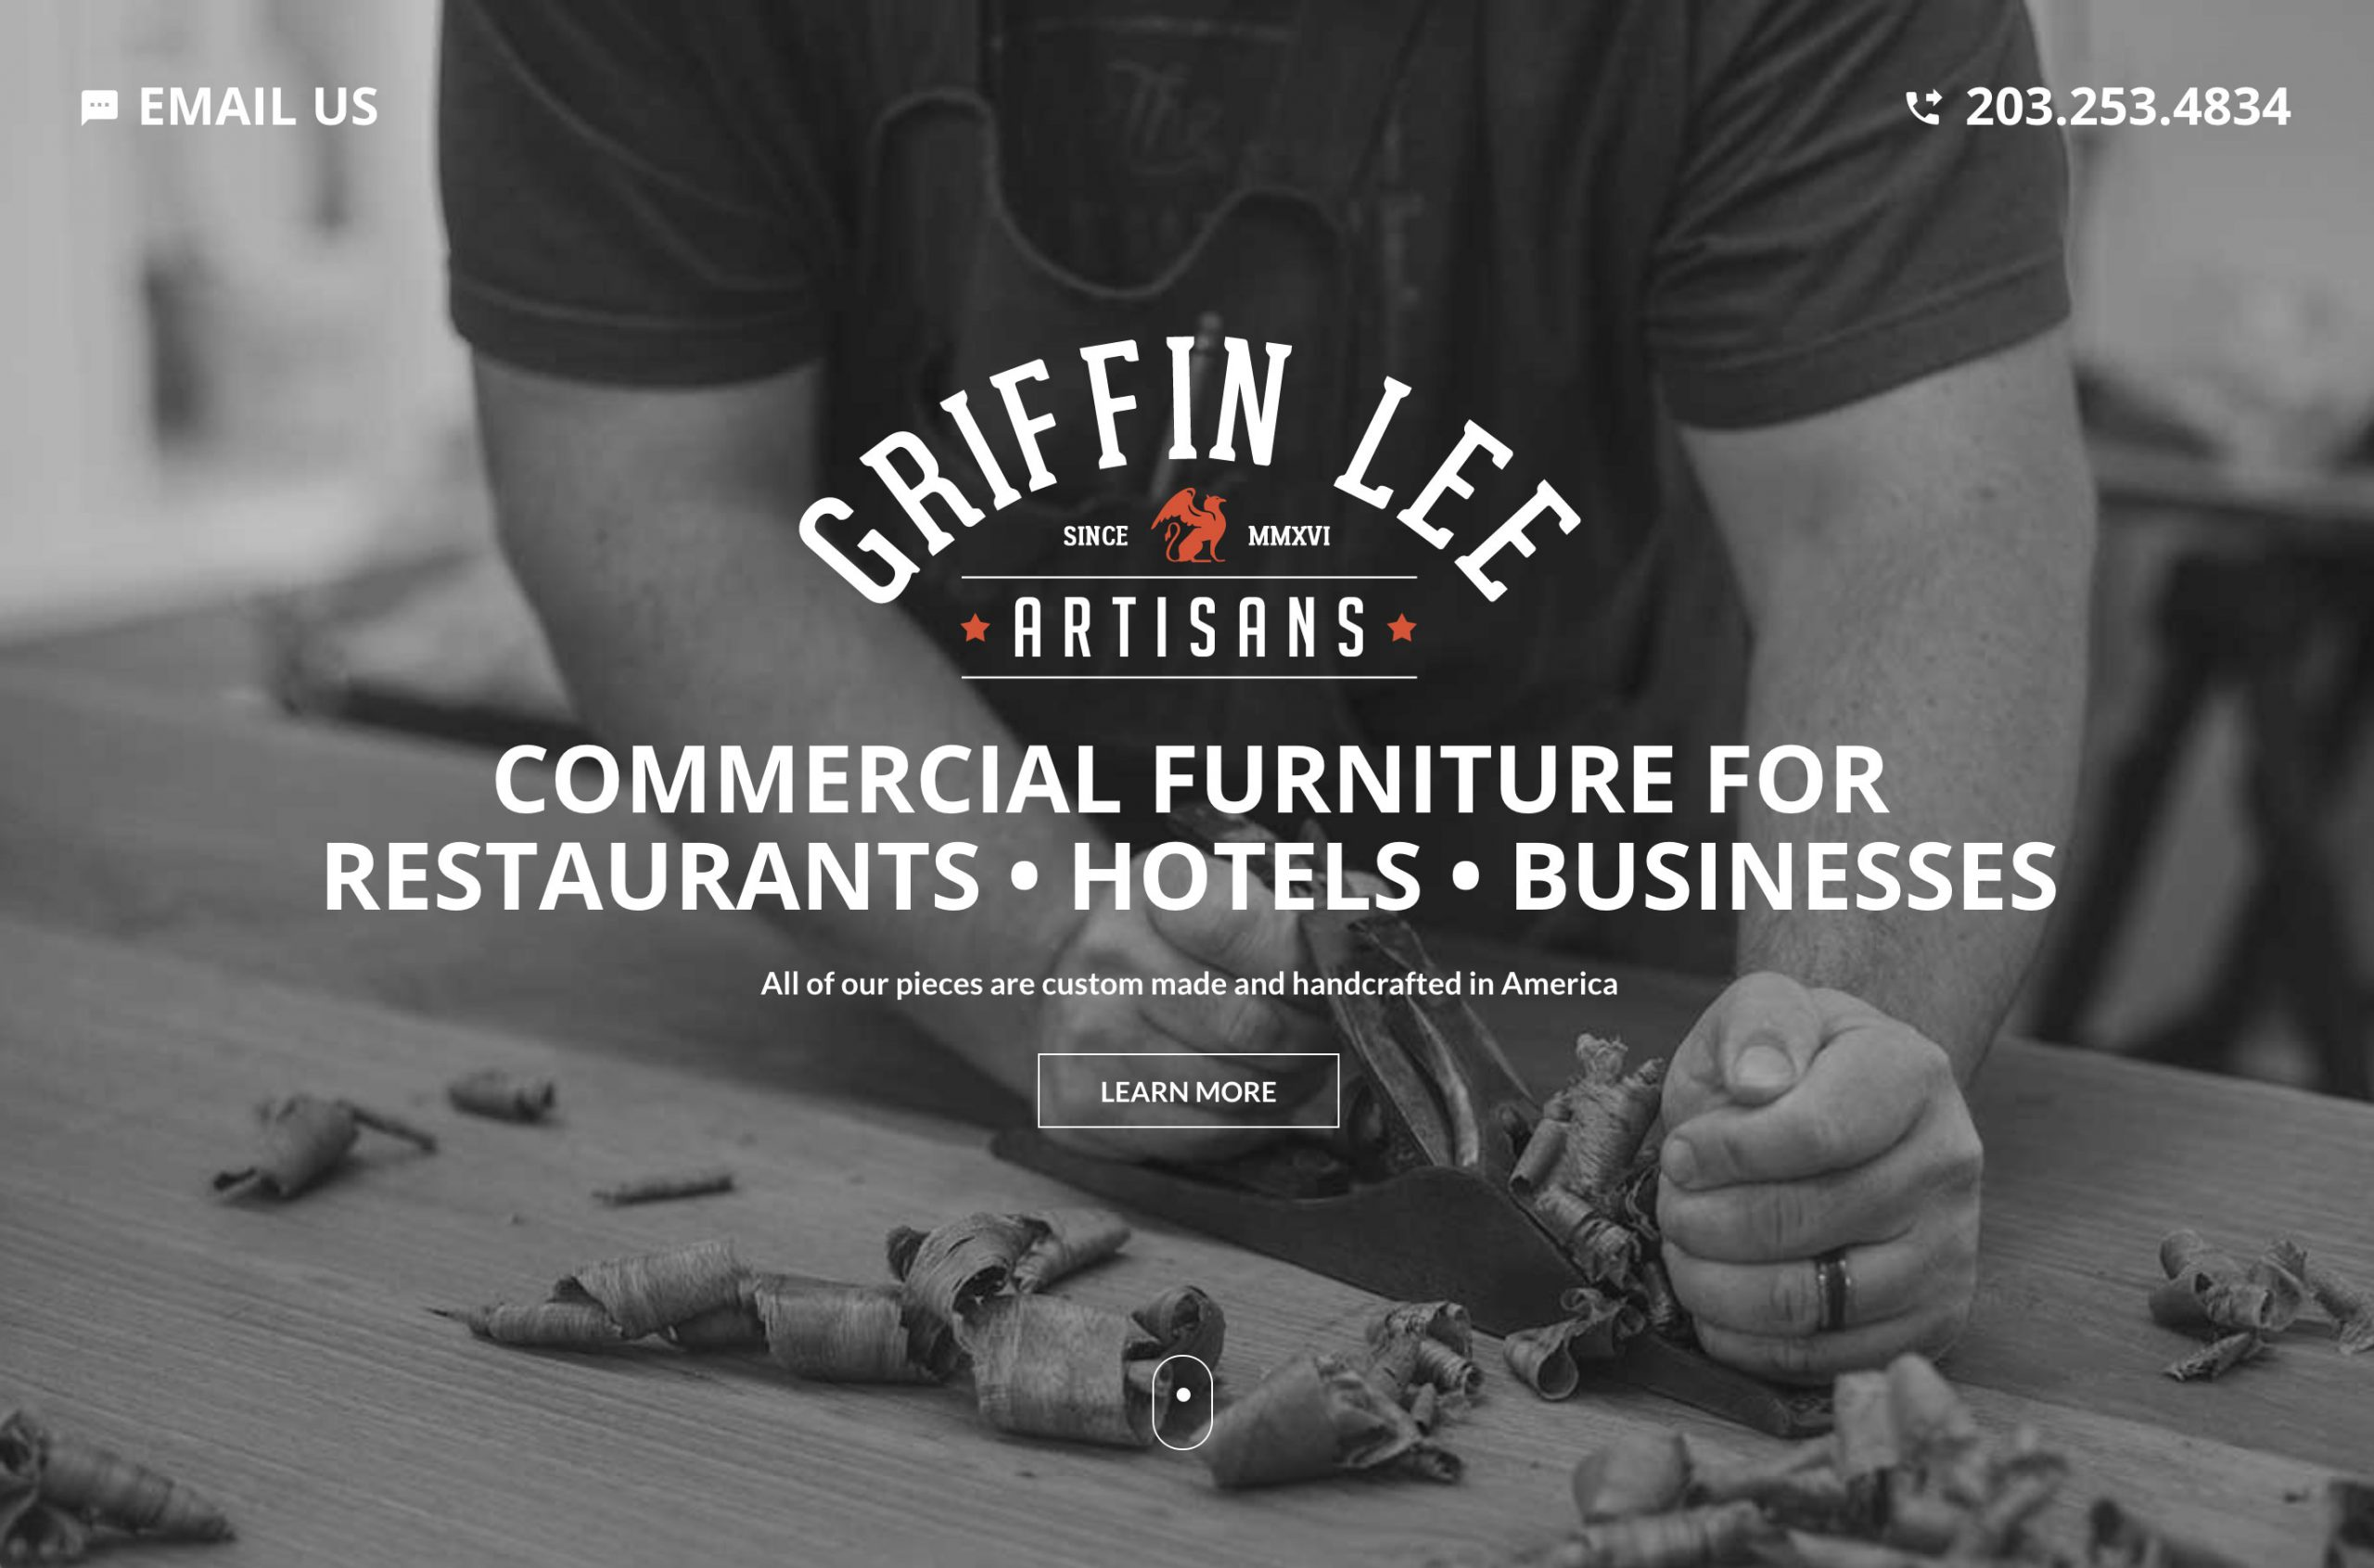 Website Designed for Commercial Furniture Manufacturer